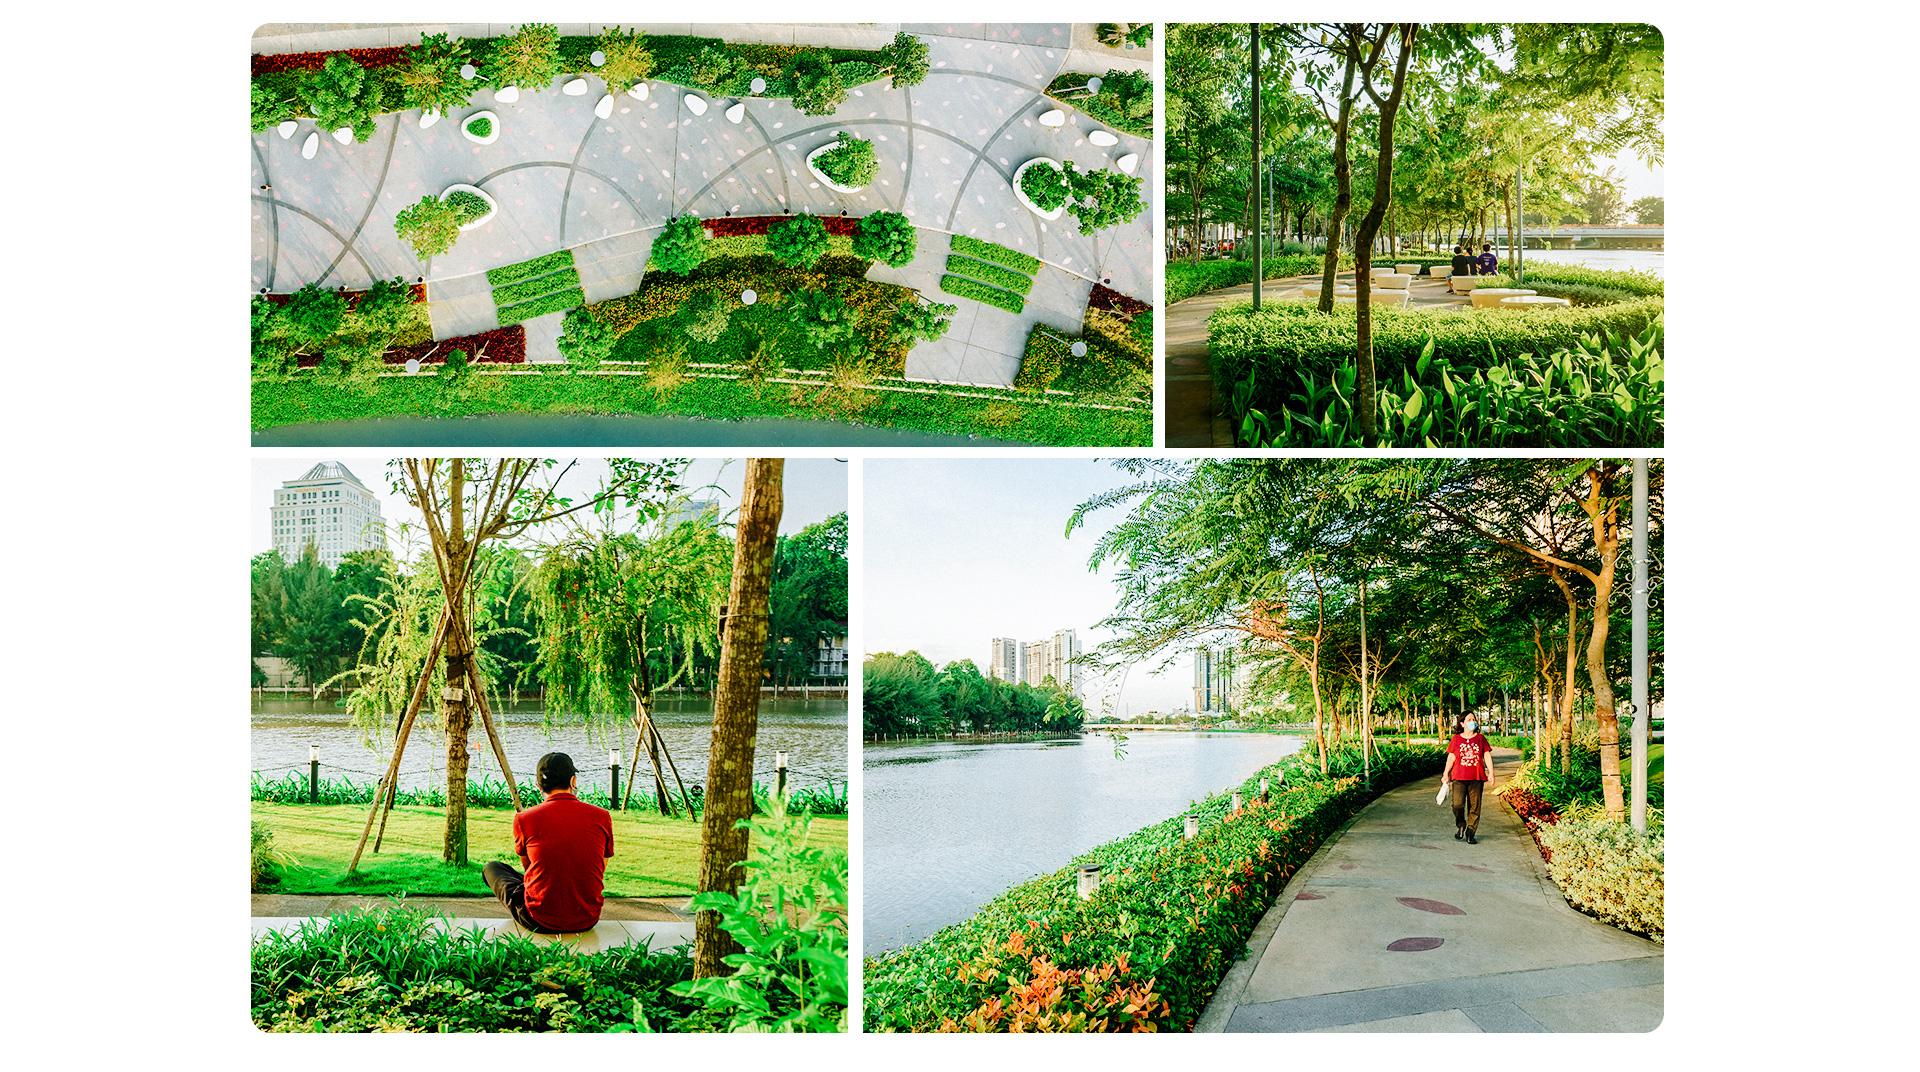 Bất động sản TPHCM: Sôi động nhiều nơi, nhưng Phú Mỹ Hưng mới có nhiều cơ hội - Ảnh 7.